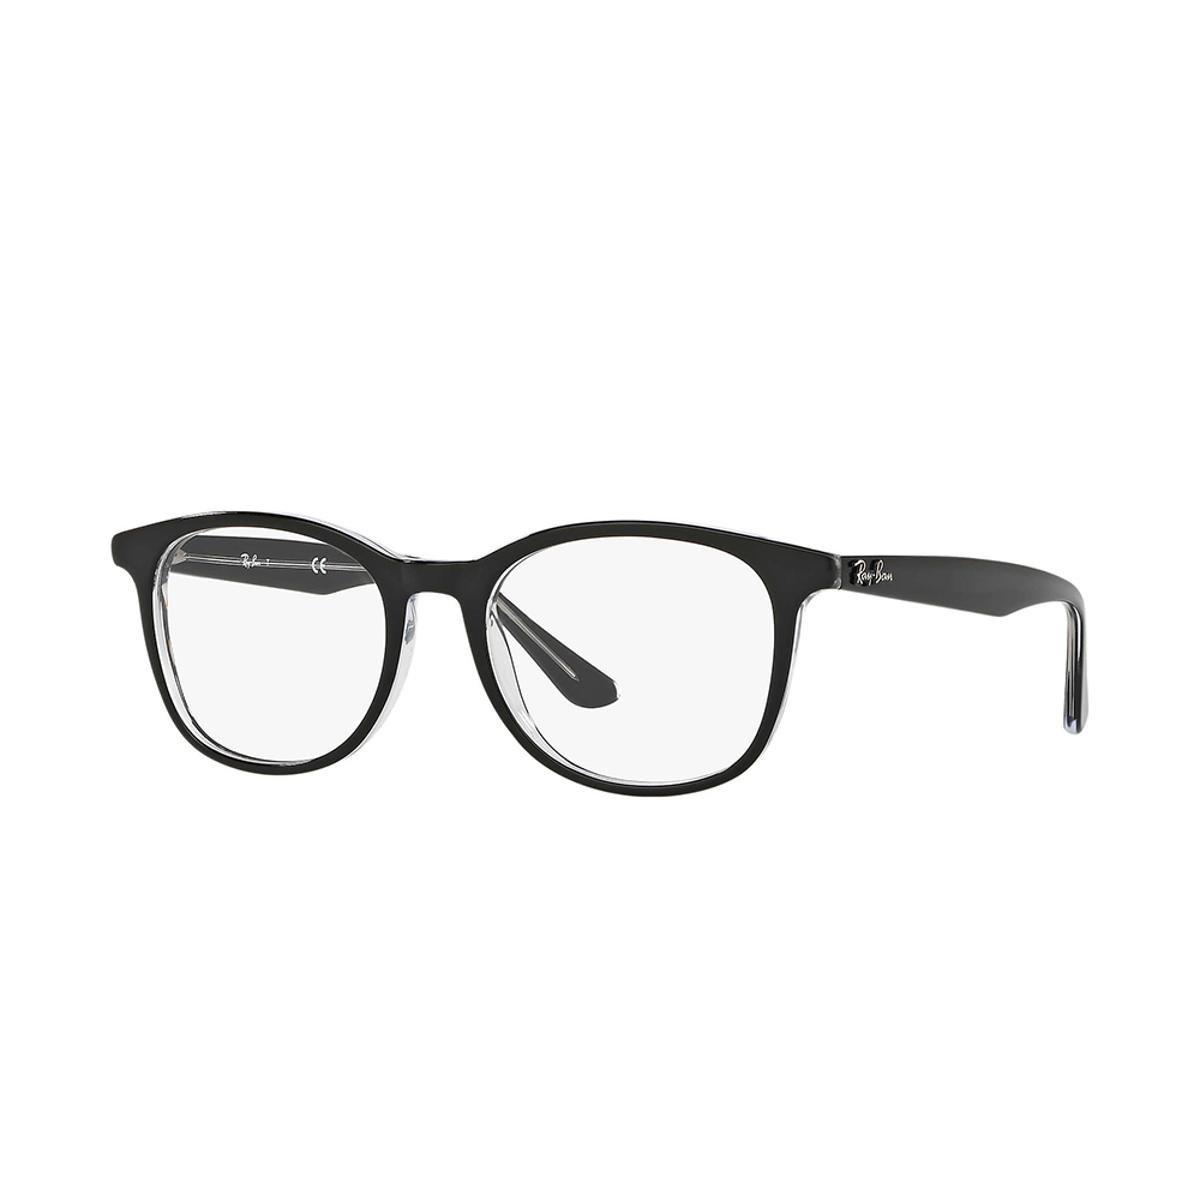 Óculos de Grau Ray-Ban Rb5356 Masculino - Preto - Compre Agora   Zattini e0072efcb5